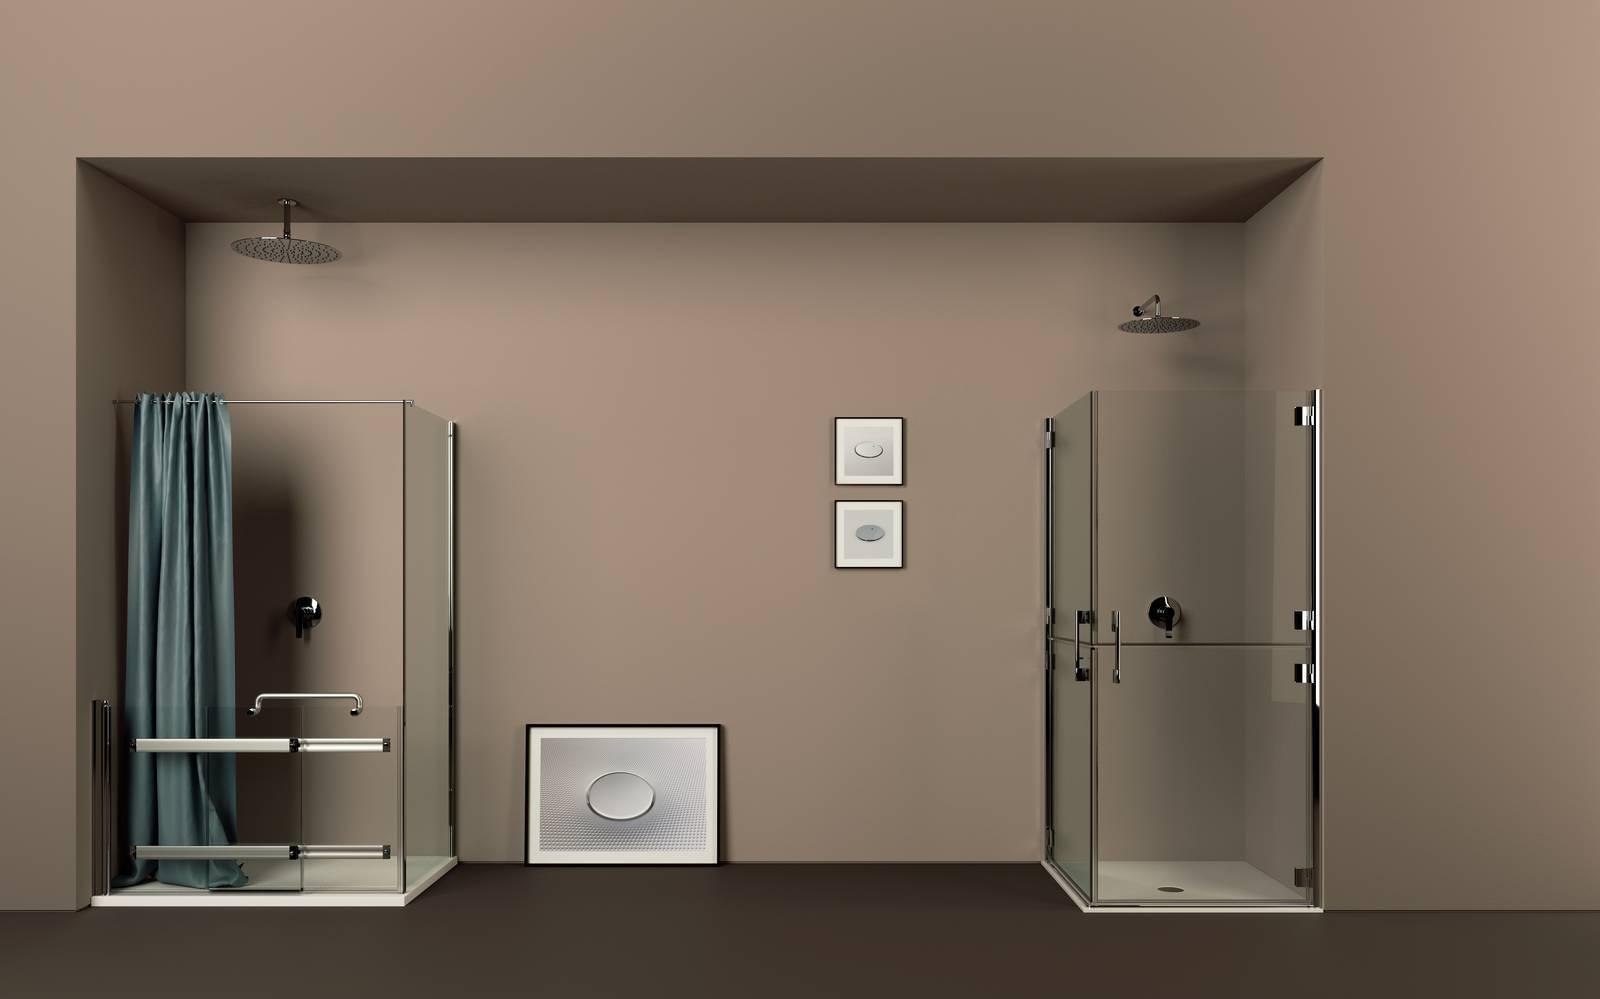 Sedile Doccia Ribaltabile Offerte : Doccia age friendly inclusive design per il bagno sicuro di ponte